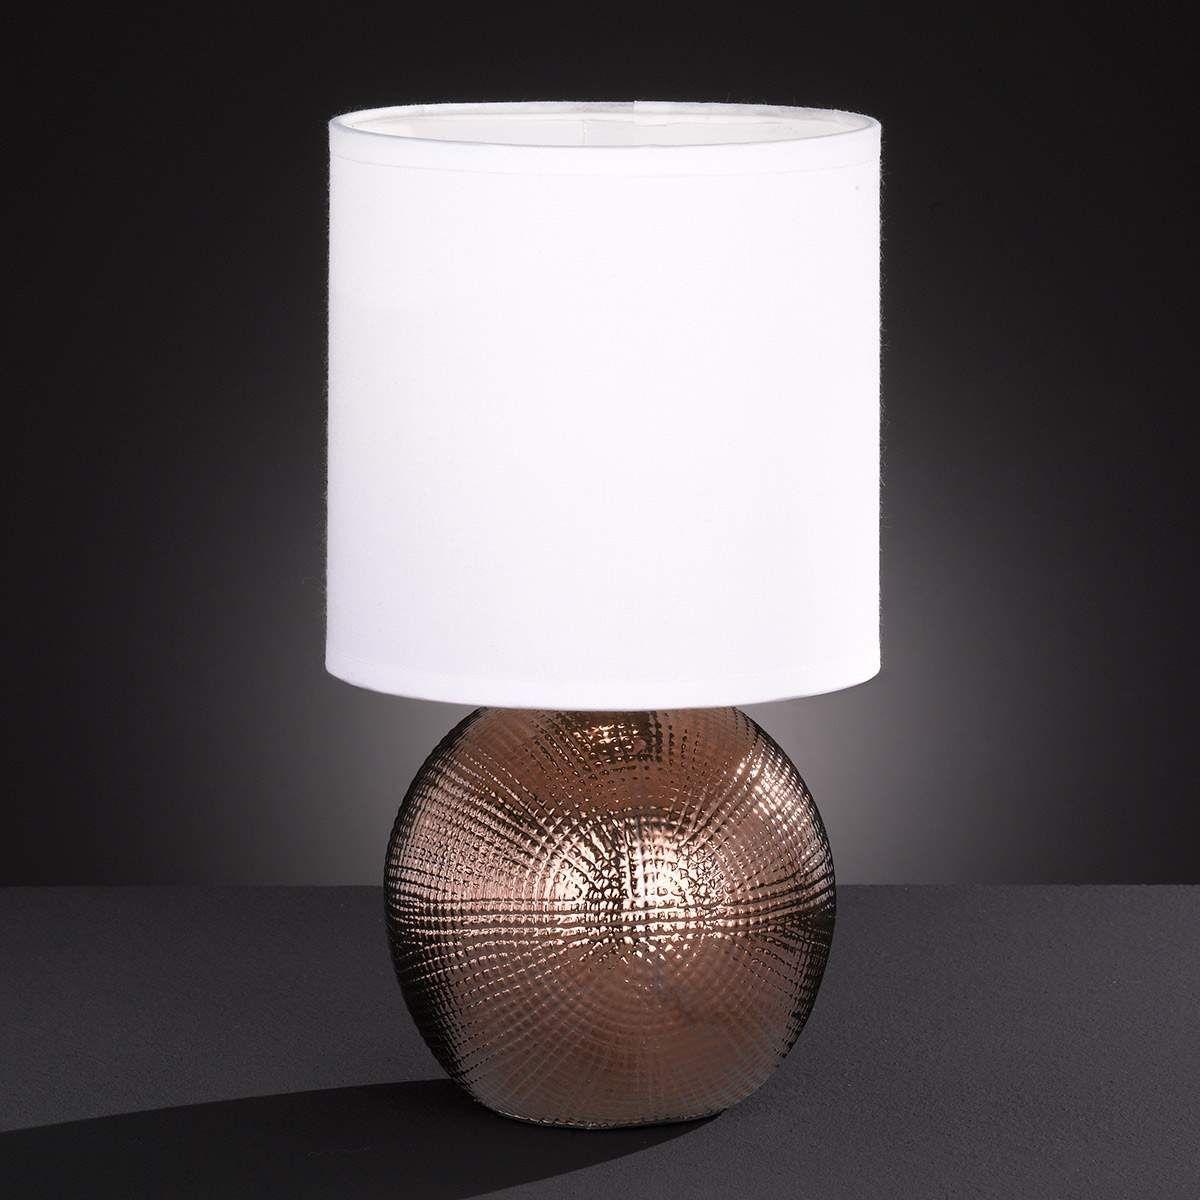 Deko Beistellleuchte Leuchtenschirm weiß Stoff Fuß chrom Keramik Tischlampe